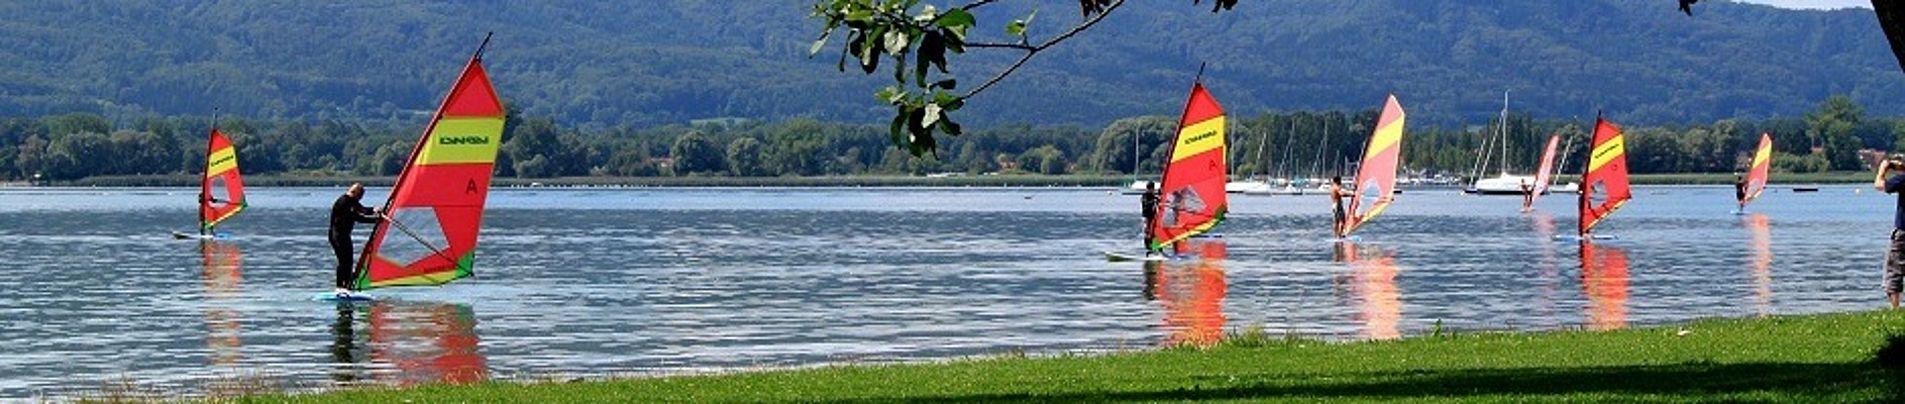 Aktivitäten am Bodensee